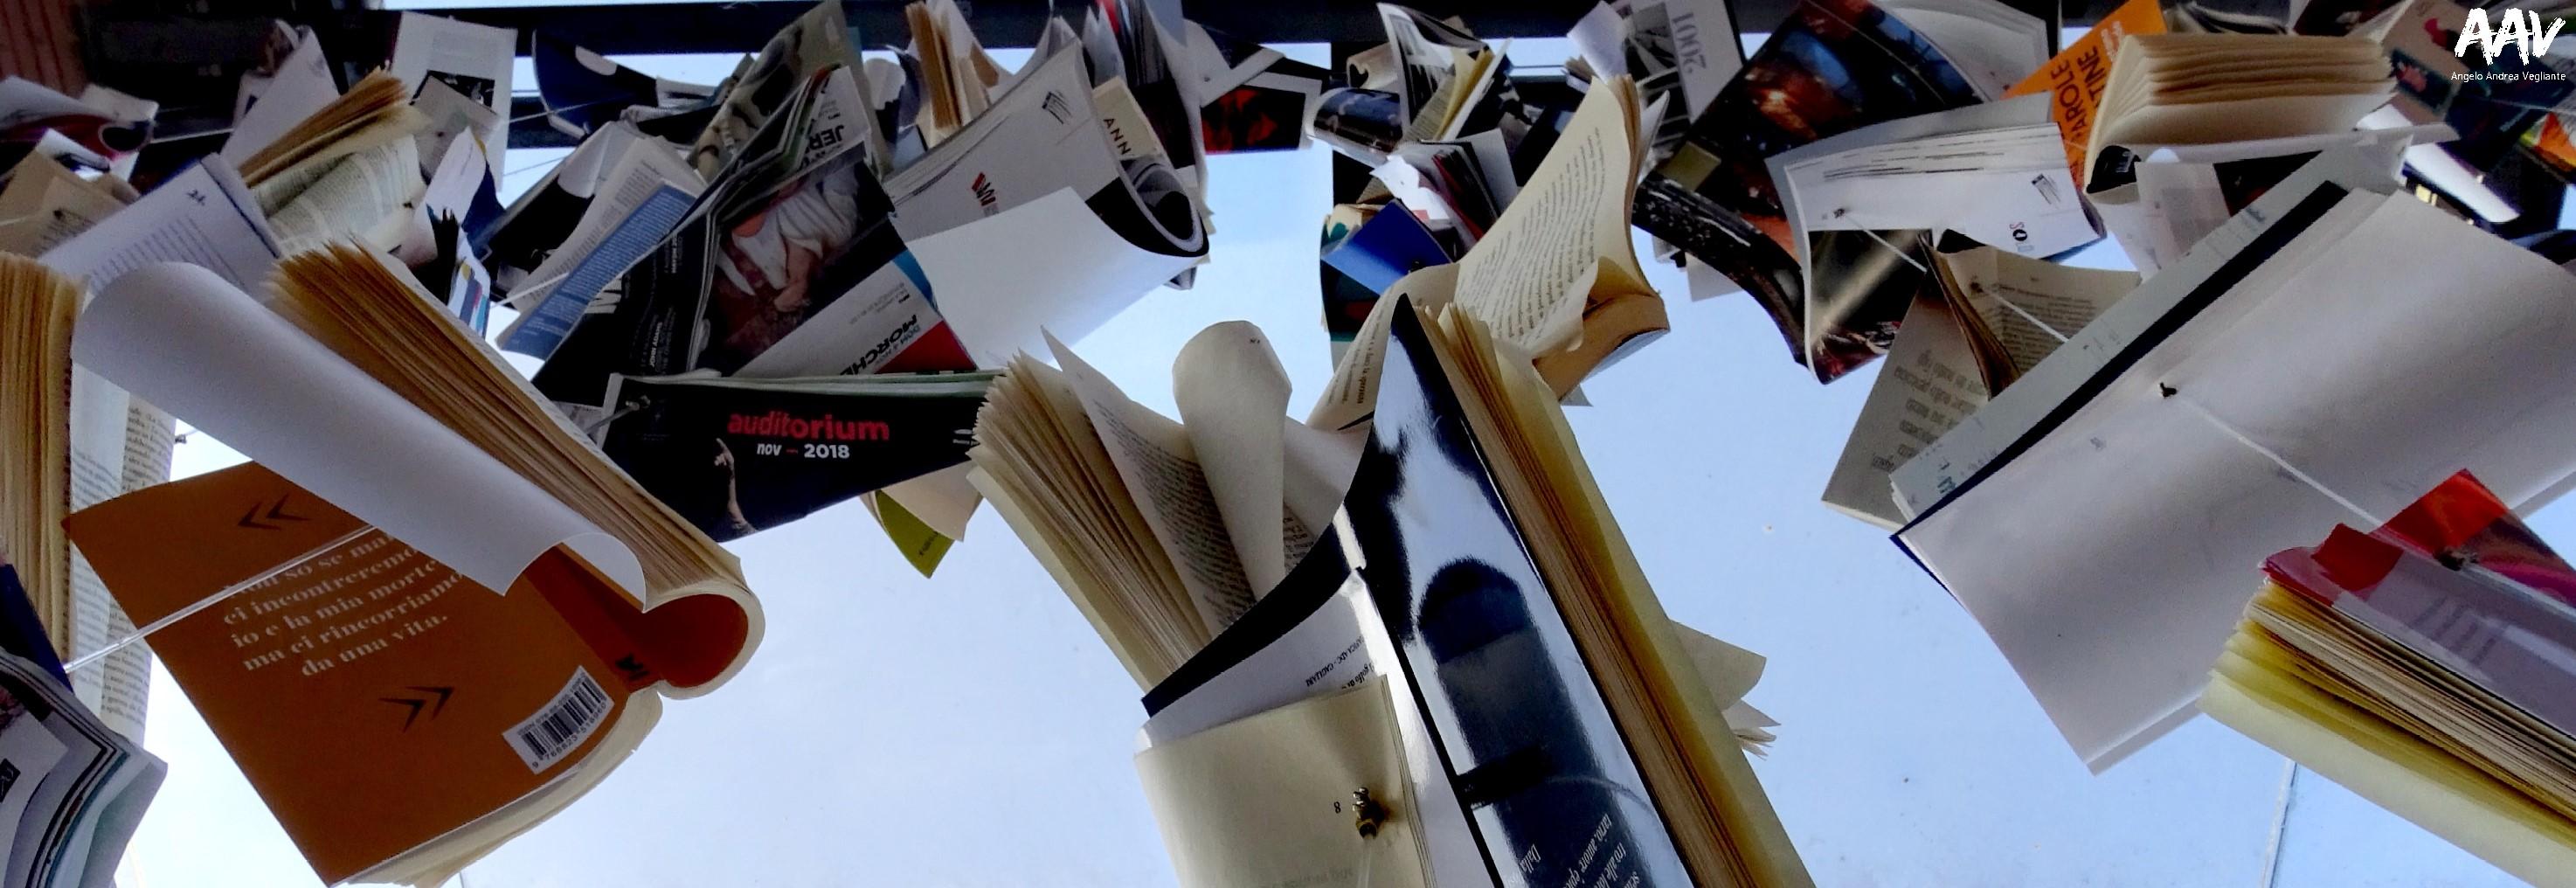 libri come-libri come 2019-auditorium parco della musica-libri come roma-samantha cristoforetti-terrapiattismo-terrapiattisti-angelo andrea vegliante